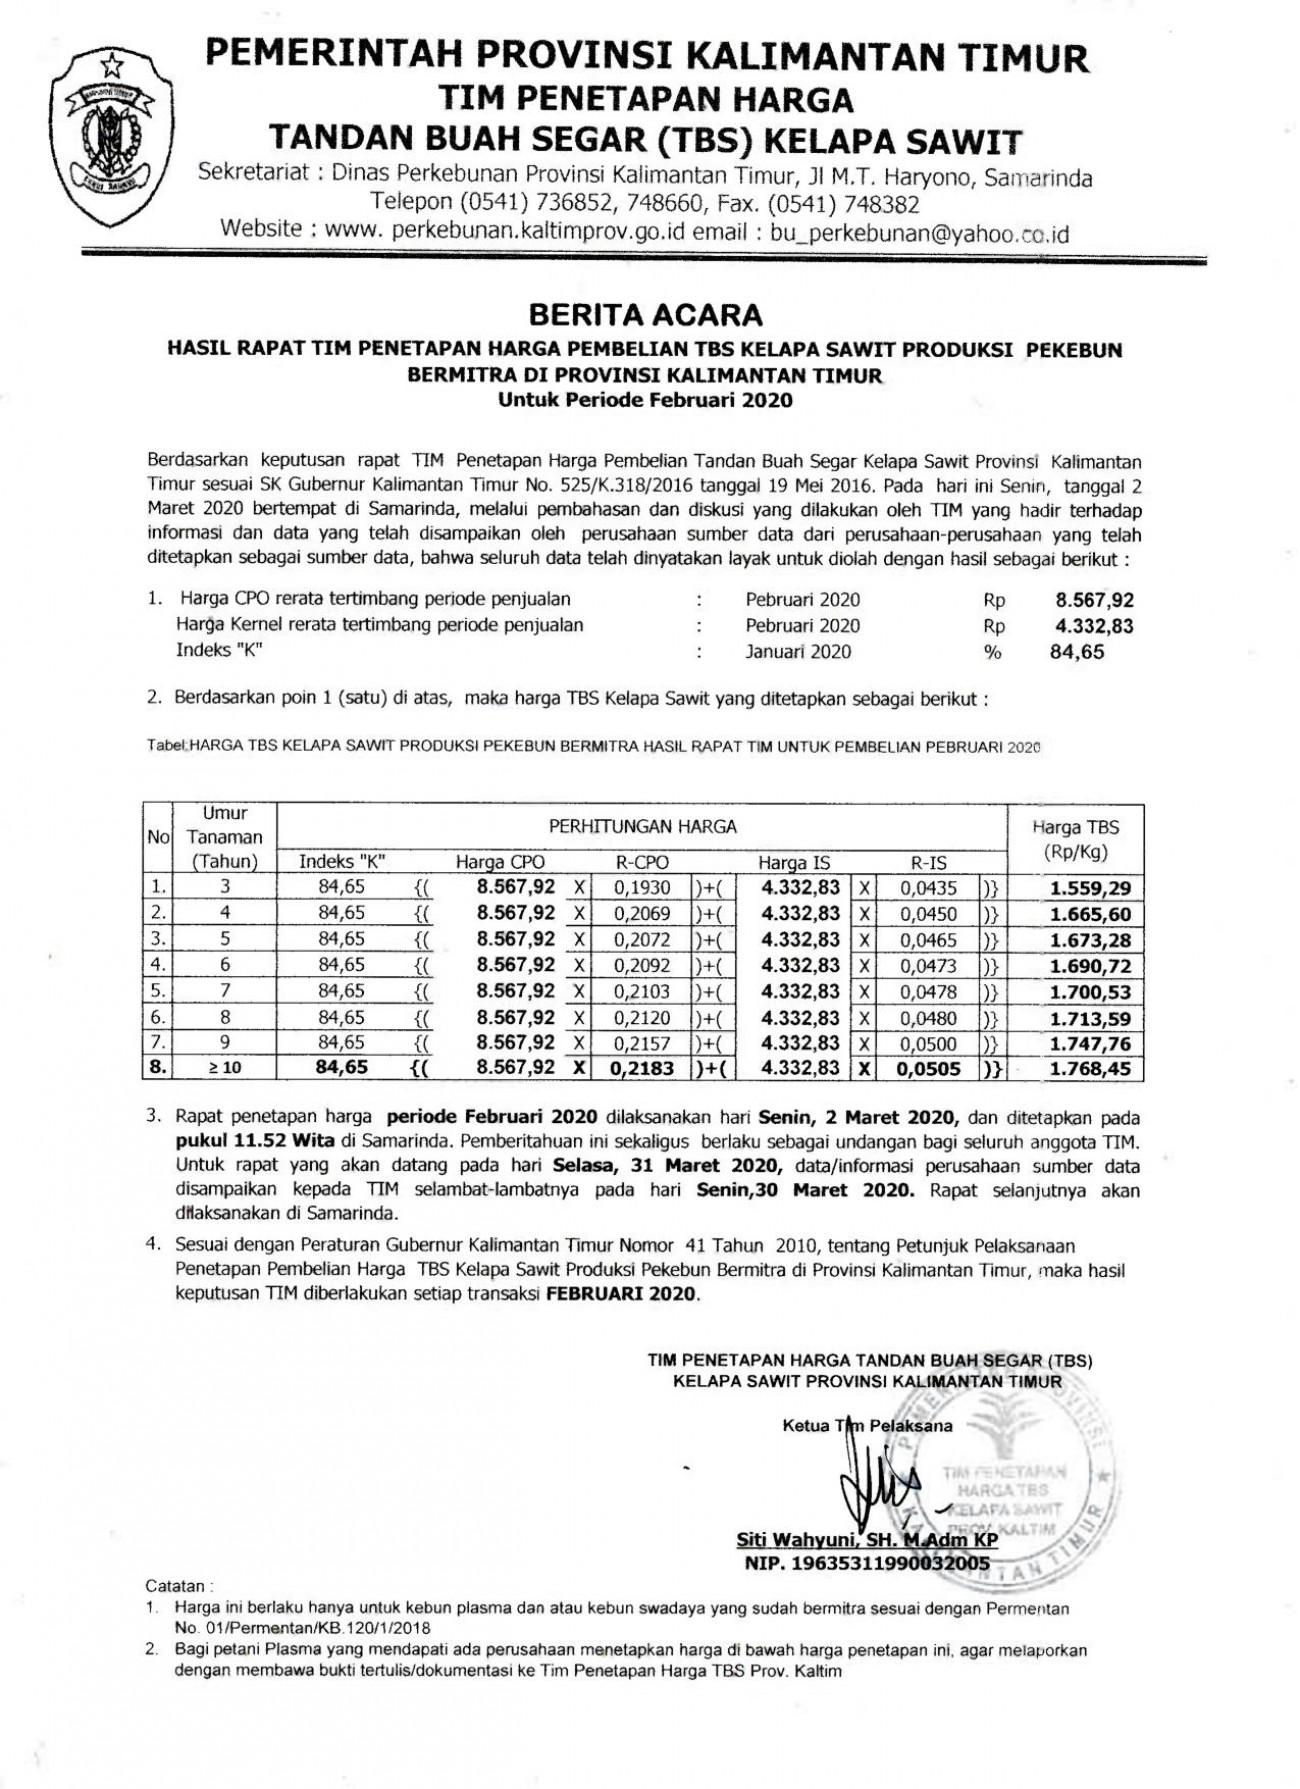 Informasi Harga TBS Kelapa Sawit Bagi Pekebun Bermitra Bulan Februari 2020